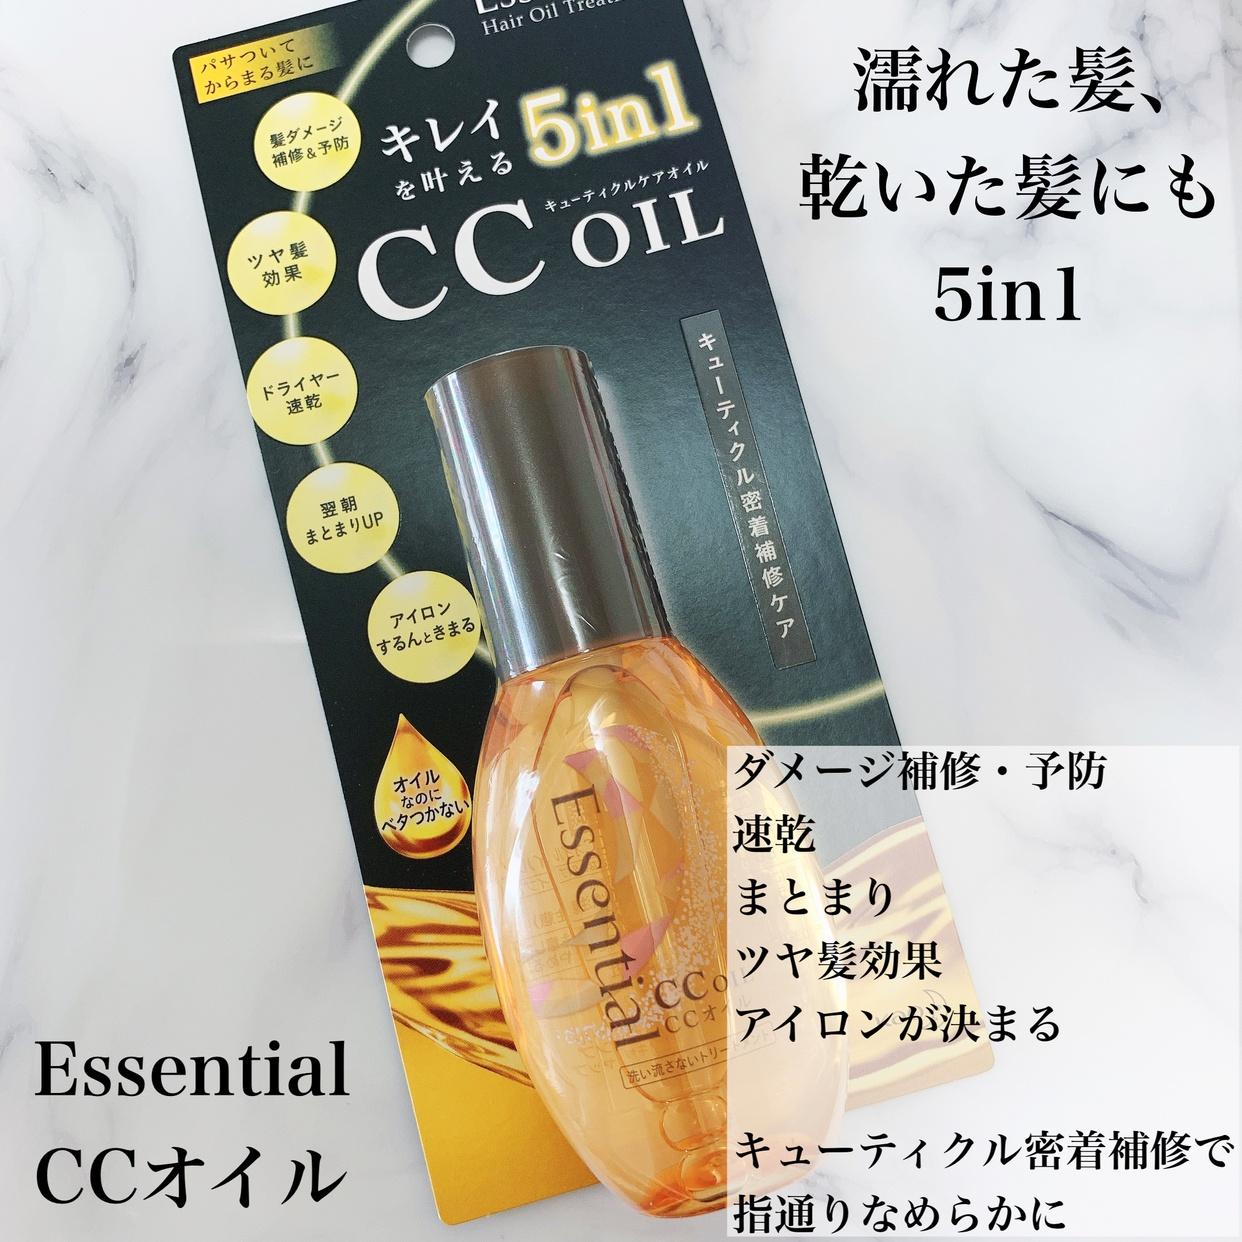 Essential(エッセンシャル) CCオイルに関するまみやこさんの口コミ画像3